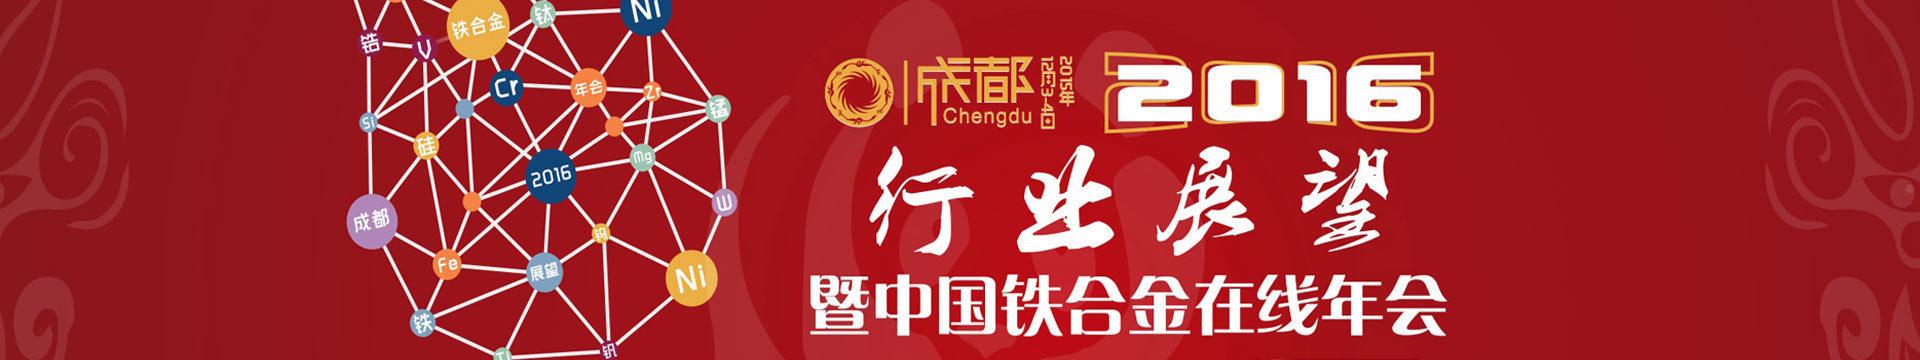 2016年铁合金行业展望暨中国铁合金在线年会